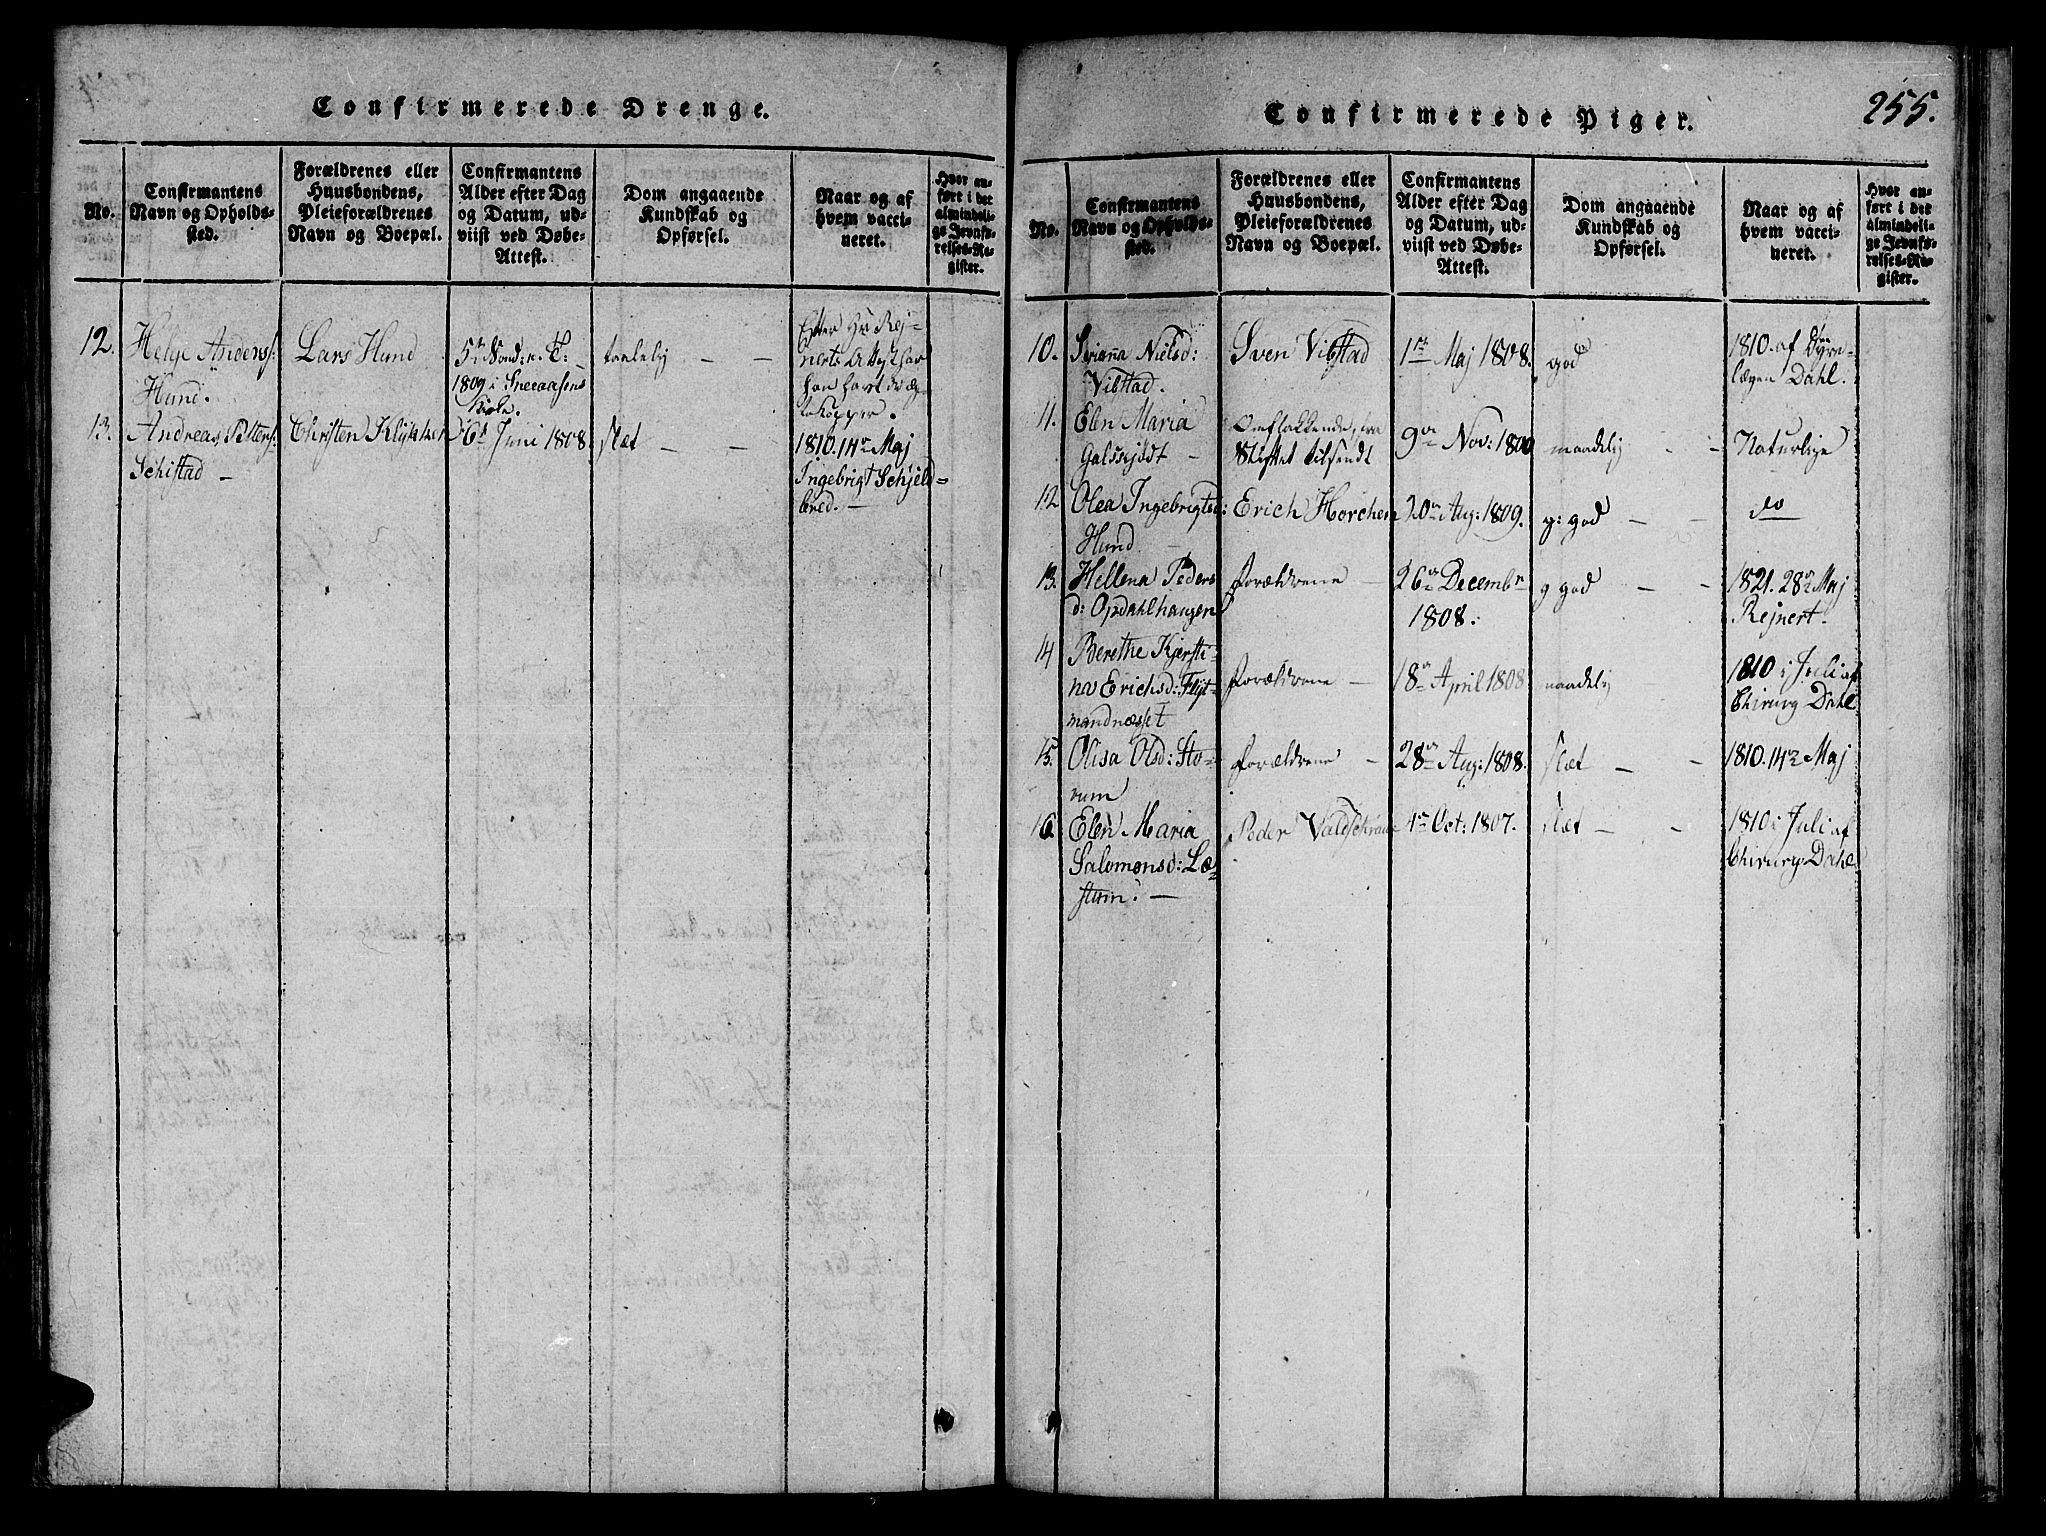 SAT, Ministerialprotokoller, klokkerbøker og fødselsregistre - Nord-Trøndelag, 764/L0546: Ministerialbok nr. 764A06 /1, 1816-1823, s. 255